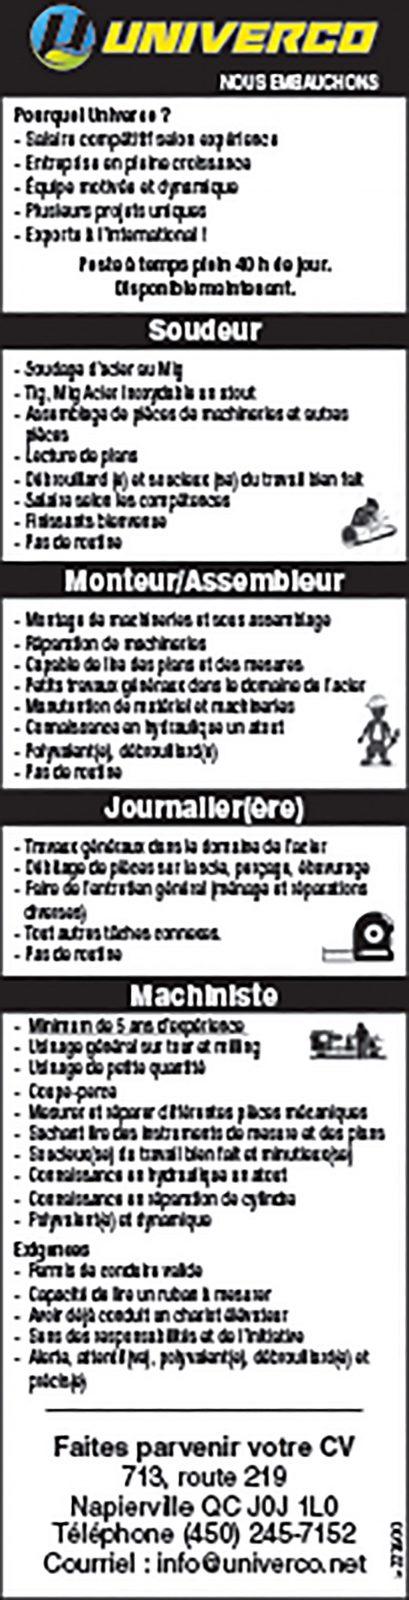 Soudeur/ Monteur/Assembleur / Journalier(ère) / Machiniste